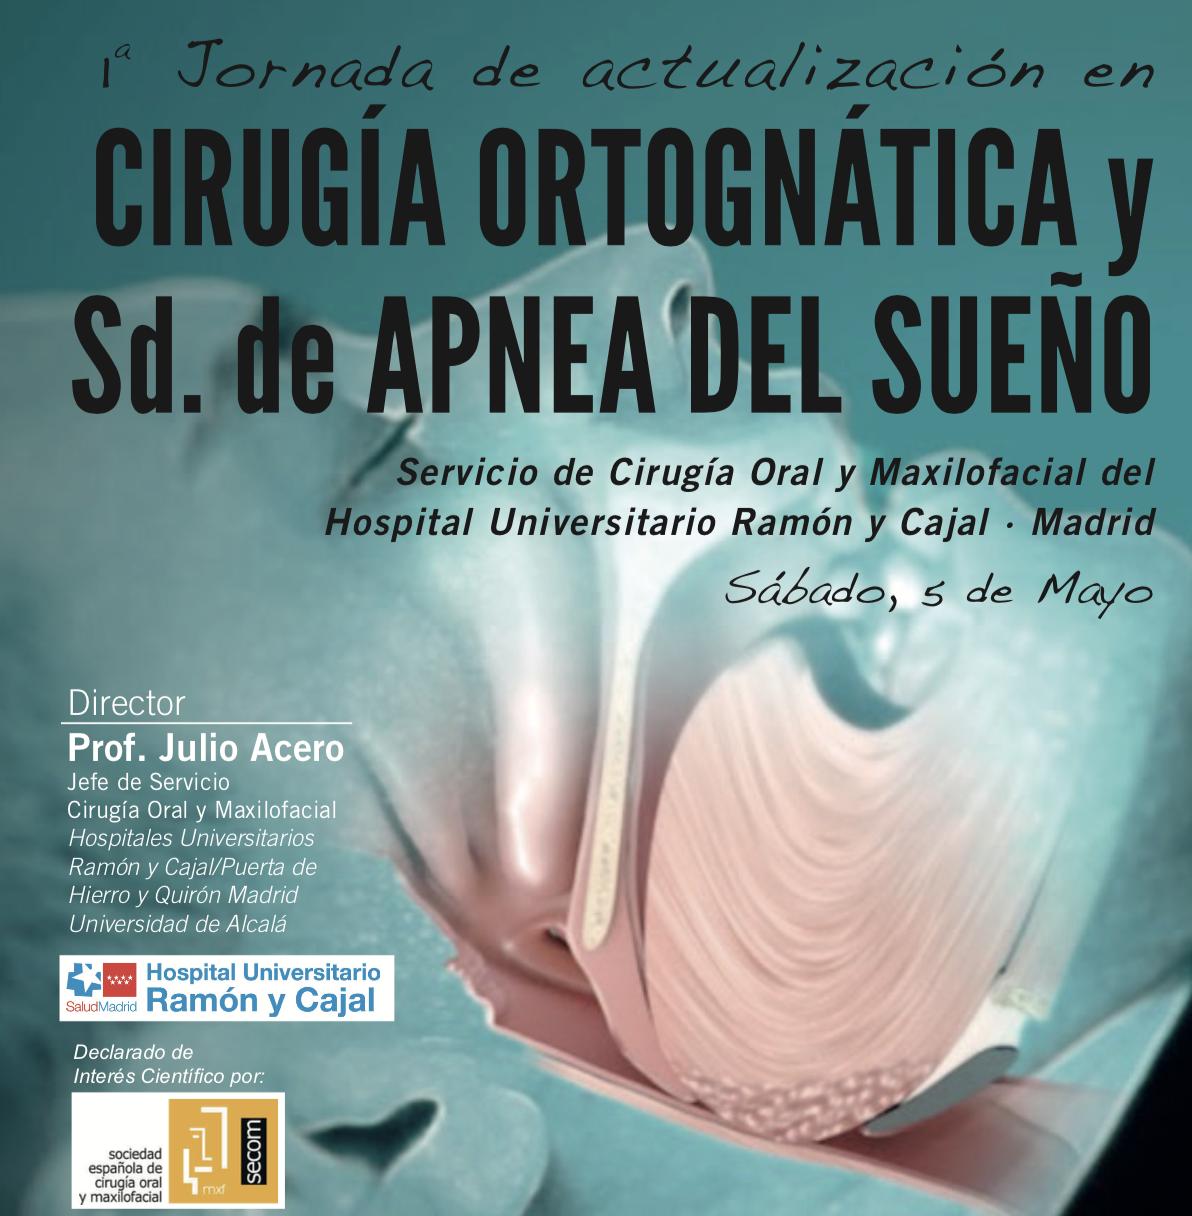 Iª Jornada de Actualización en Cirugía Ortognática y Síndrome de Apnea del Sueño. ¡ABIERTA INSCRIPCIÓN!